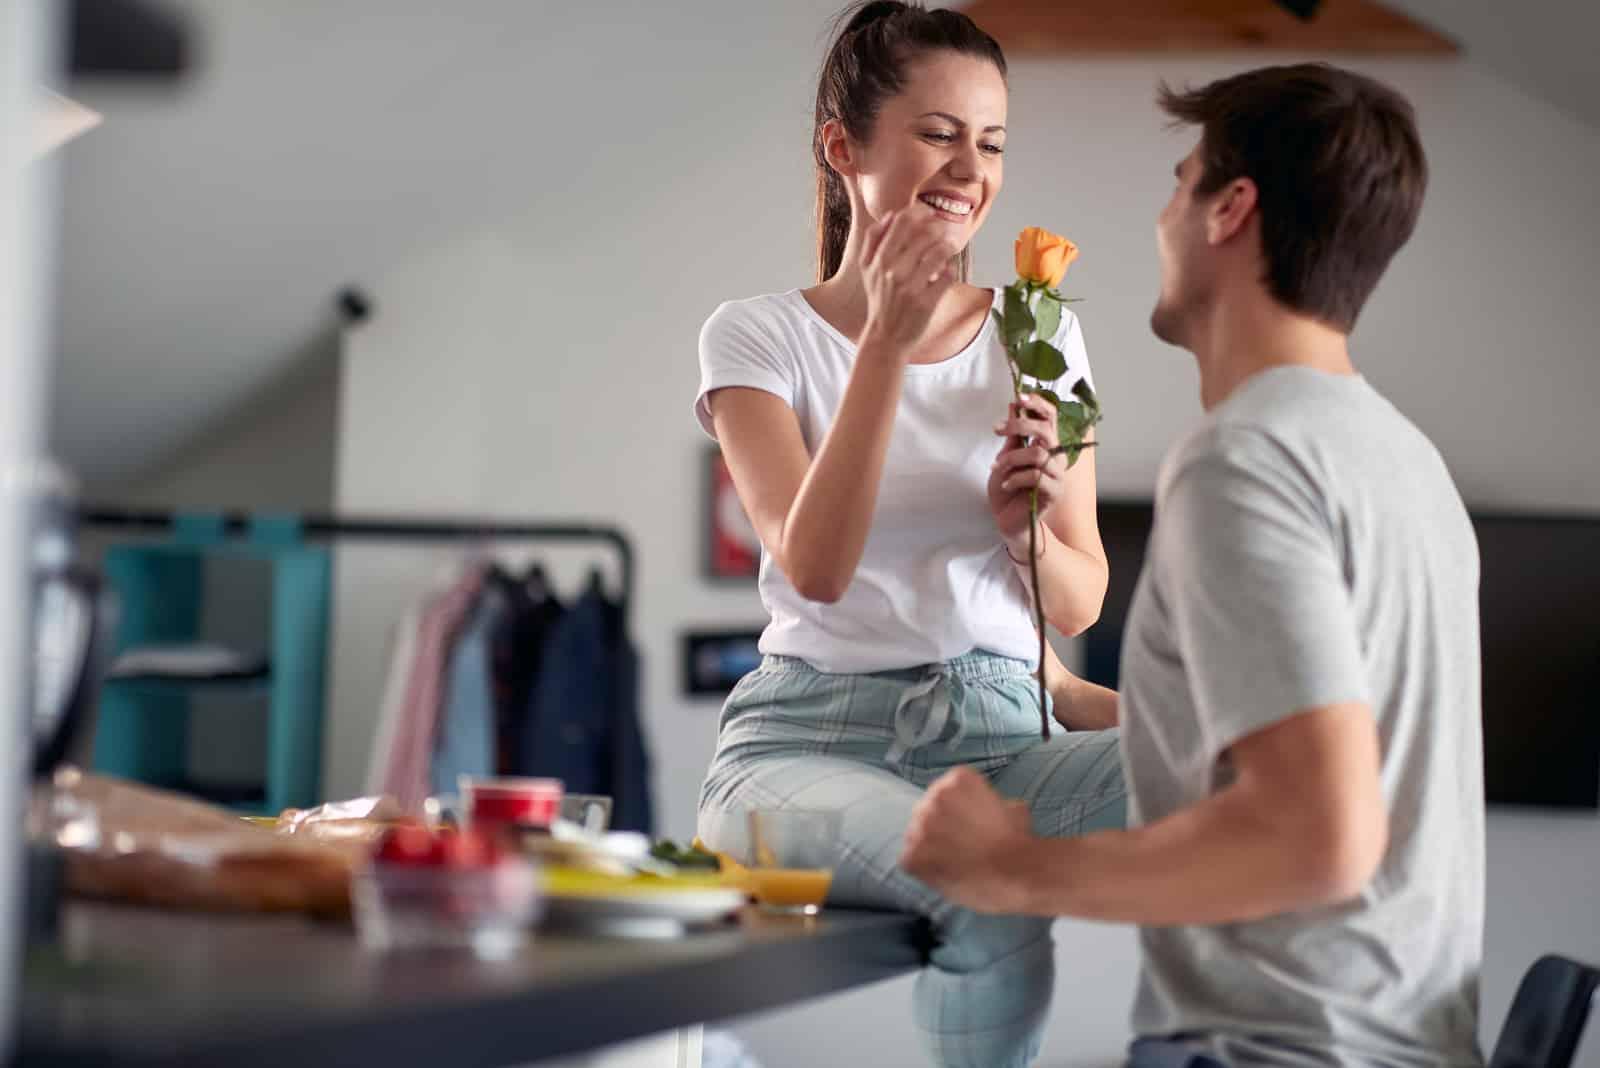 un homme a surpris une femme avec des roses alors qu'elle était assise à une table dans la cuisine